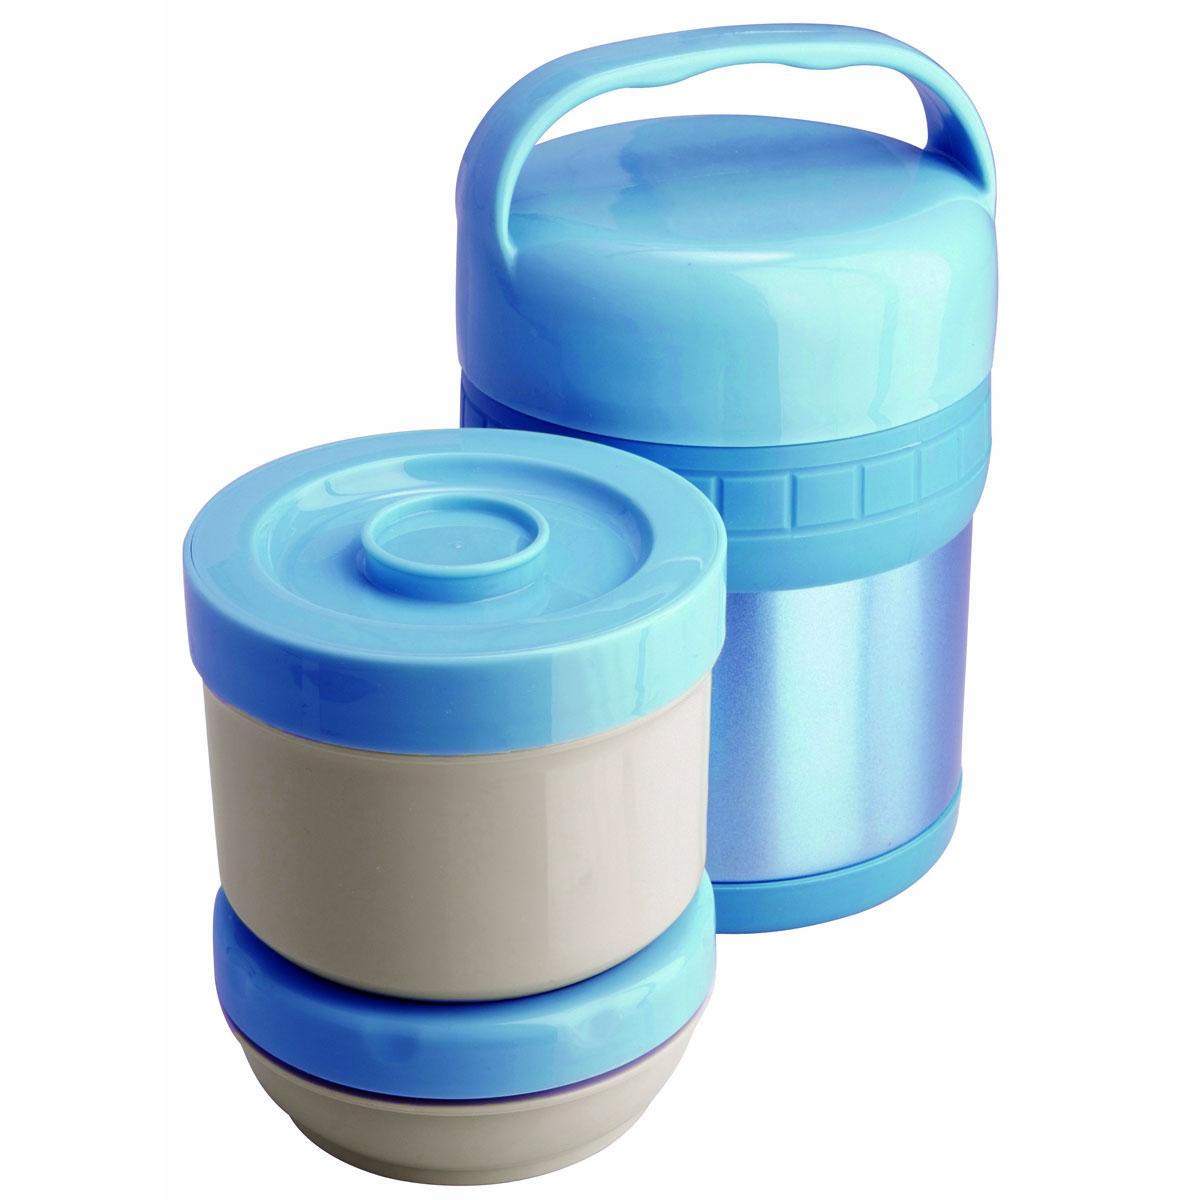 Термос ланч-бокс Regent Inox Soup, цвет: голубой, 1 л. 93-TE-S-3-1000T93-TE-S-3-1000TТермос Regent Inox Soup изготовлен из высококачественной пищевой нержавеющей стали, что обеспечивает высокую надежность и долговечность. Современная технология с вакуумной изоляцией и металлическая колба способствуют более длительному сохранению тепла. Внутри термоса предусмотрены два стальных лотка: лоток 1 с винтовой крышкой (650 мл), лоток 2 с герметичной крышкой (300 мл). Термос с широким горлом предназначен: - для хранения горячей пищи (первые и вторые блюда); - для хранения холодной пищи (мороженое, пельмени и пр.) и фруктов; - для хранения льда (нельзя хранить сухой лед). Термос способен сохранять горячую или холодную температуру до 24 часов - при температуре окружающей среды не ниже 18°С и температуре при заполнении не ниже +99+-1°С. Термос удобен в использовании дома, на даче, в турпоходе и на рыбалке. Пригодится на работе, в офисе и командировке, экономит электроэнергию и время. Нельзя мыть в посудомоечной машине. Нельзя мыть...